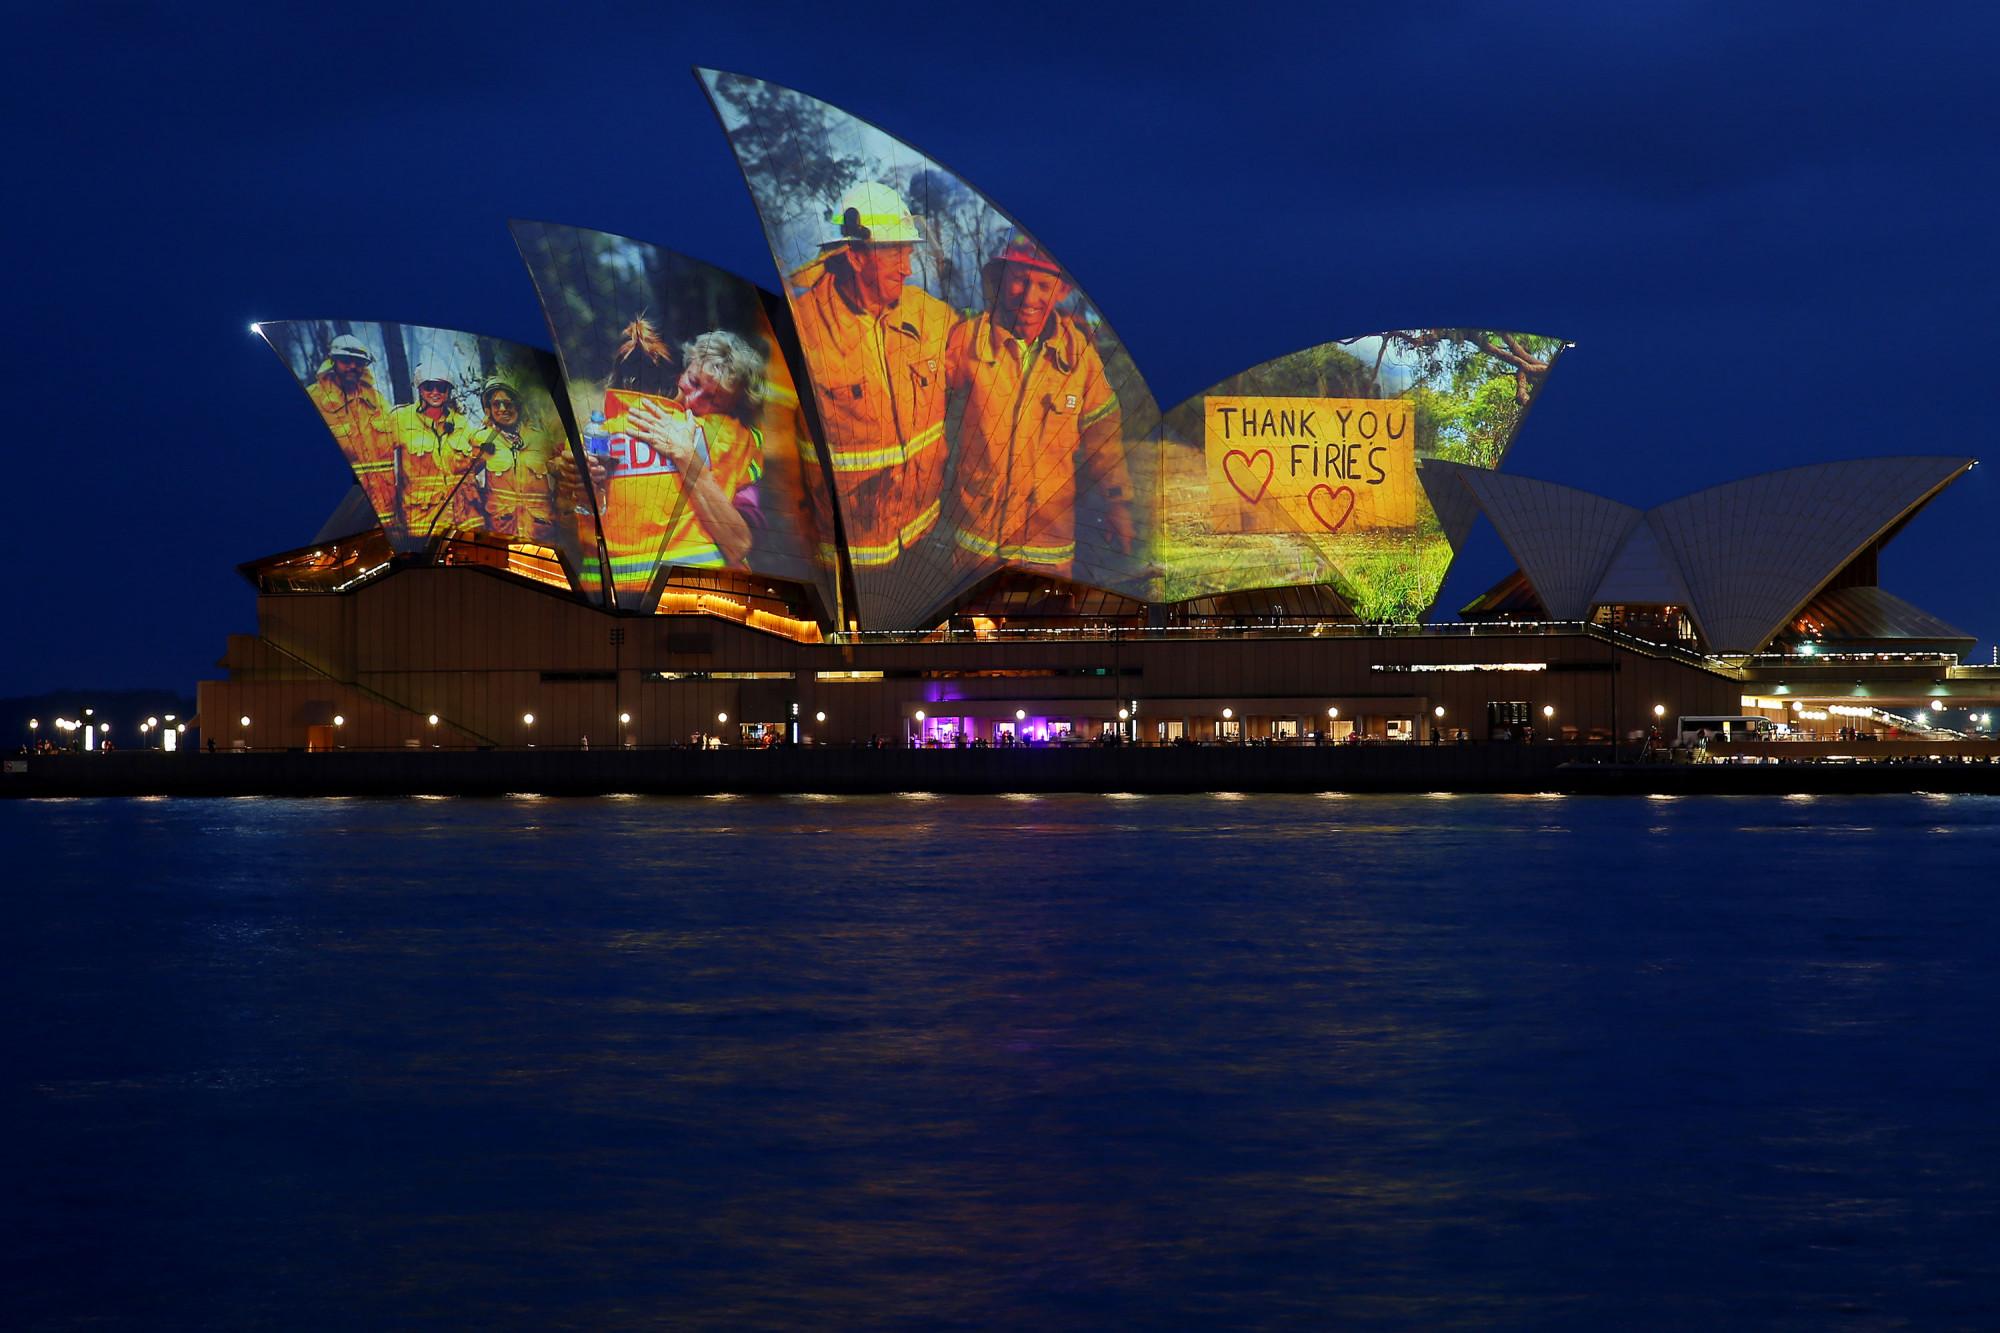 Nhà hát Opera Sydney trình chiếu hình ảnh của những người lính cứu hỏa, lực lượng